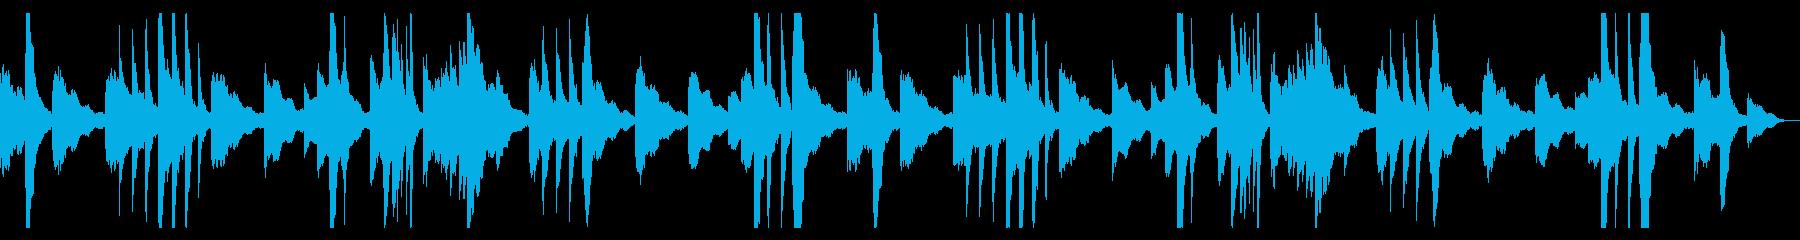 くつろぎ時間のためのピアノアンビエントの再生済みの波形